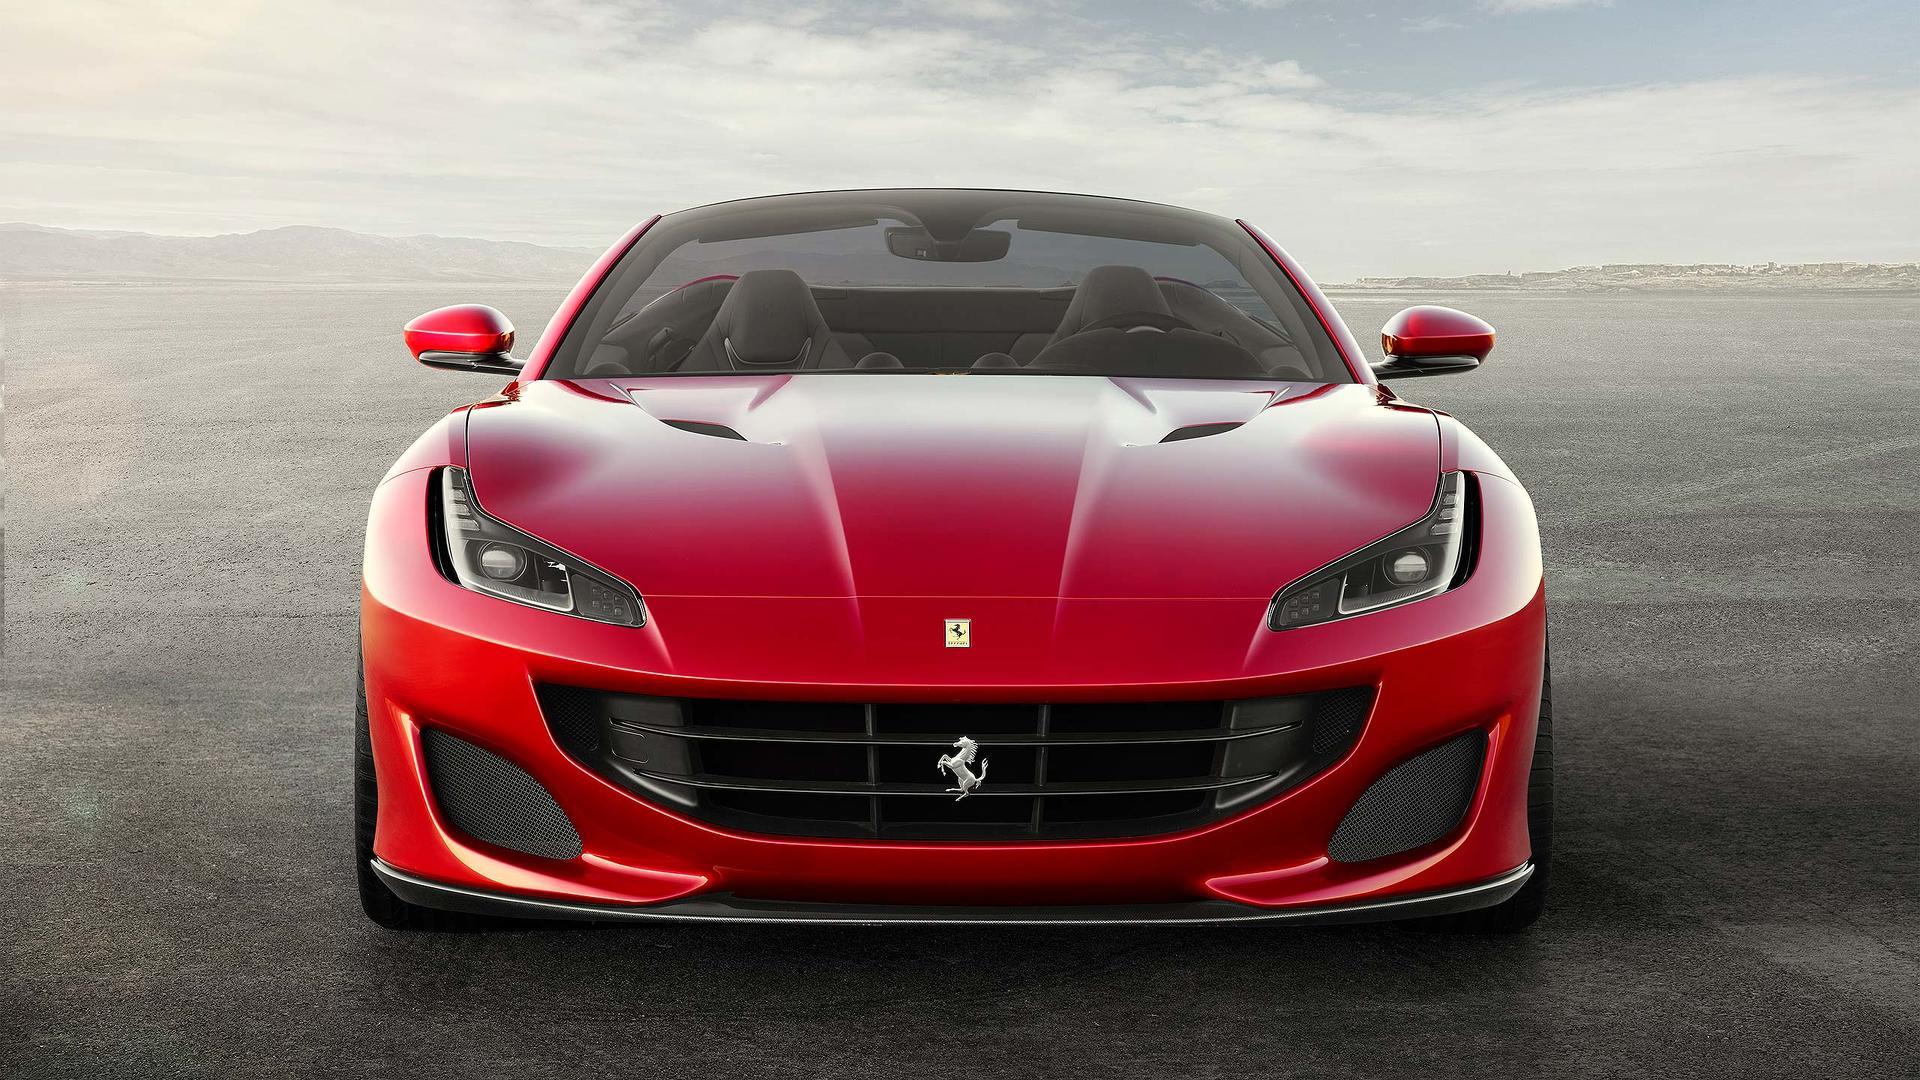 2018_Ferrari_Portofino_01